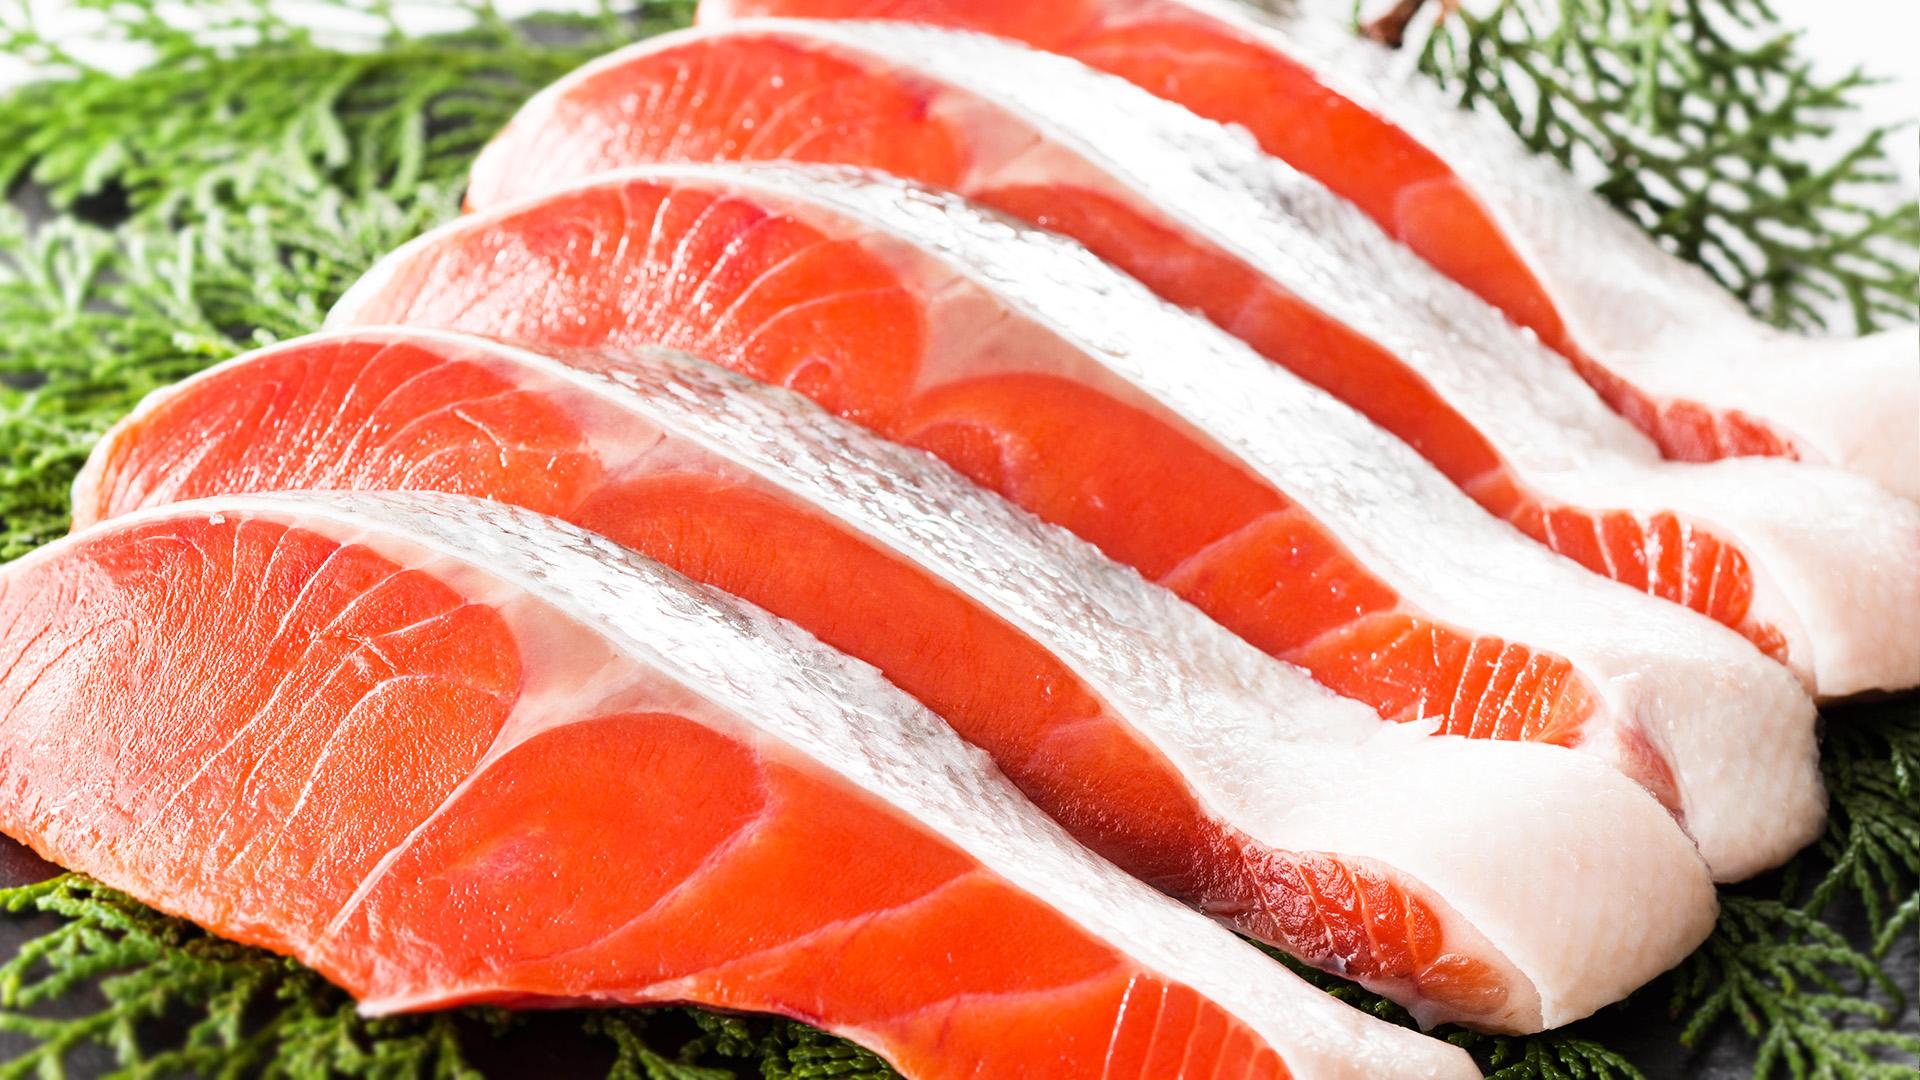 鮭の赤身に秘められたパワー!?自然界最強の抗酸化物質!